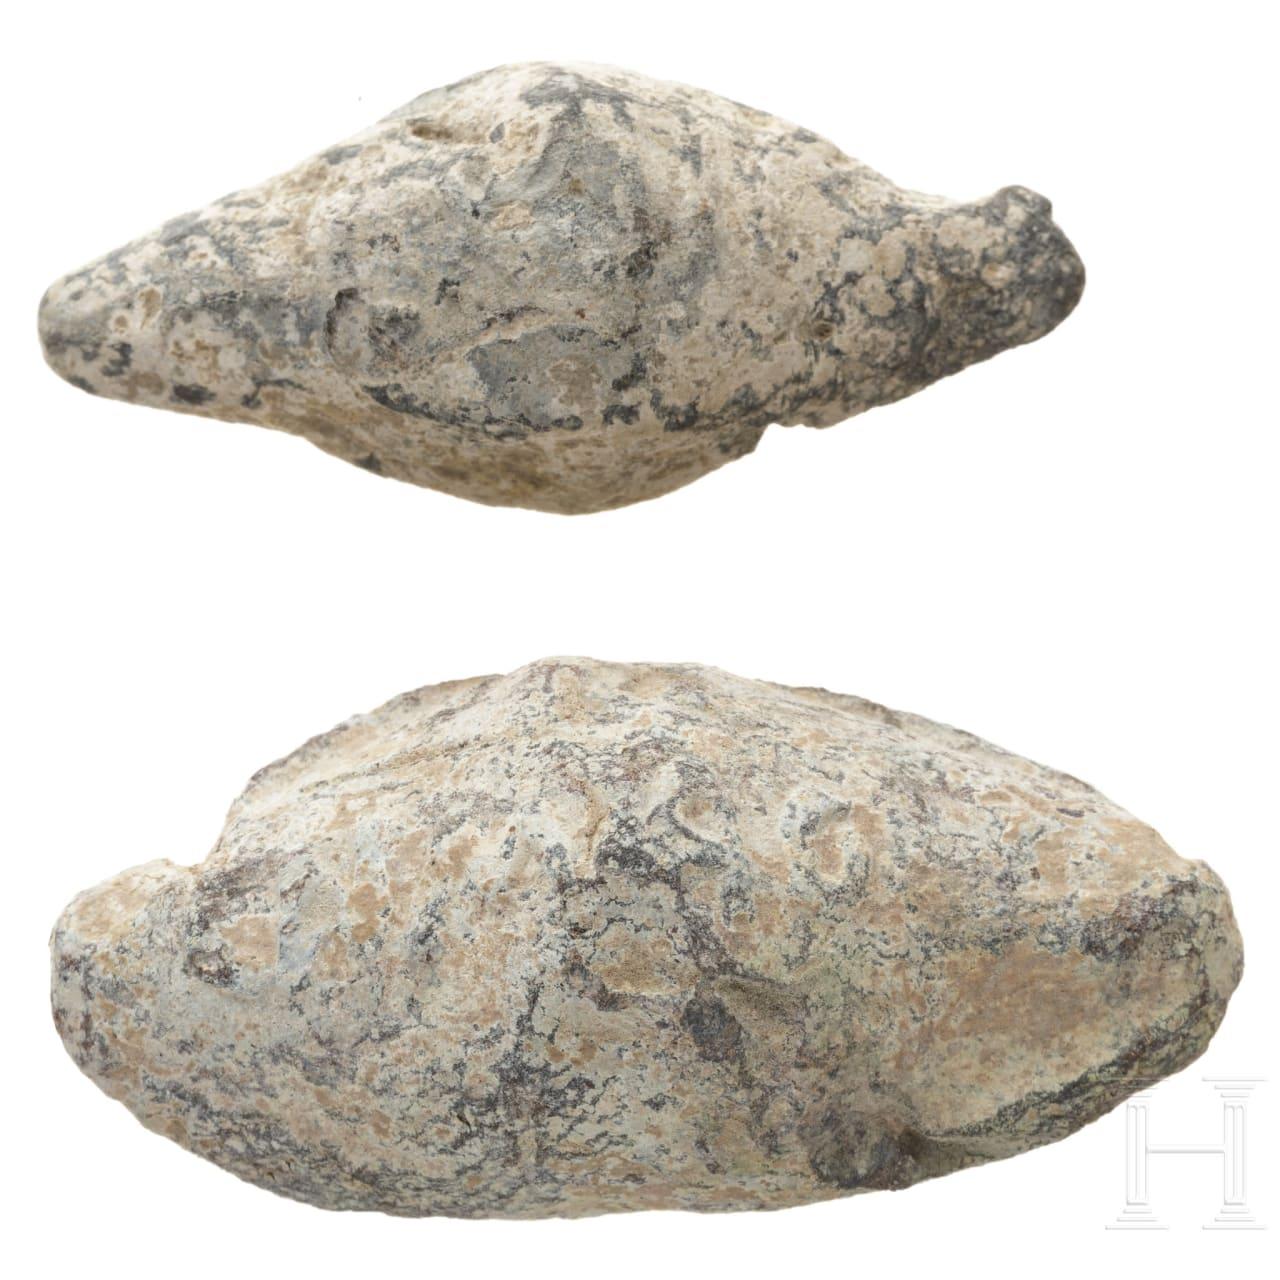 Zwei beschriftete Schleuderbleie aus den caesarischen Bürgerkriegen, Spanien, römisch, 50 - 40 v. Chr.